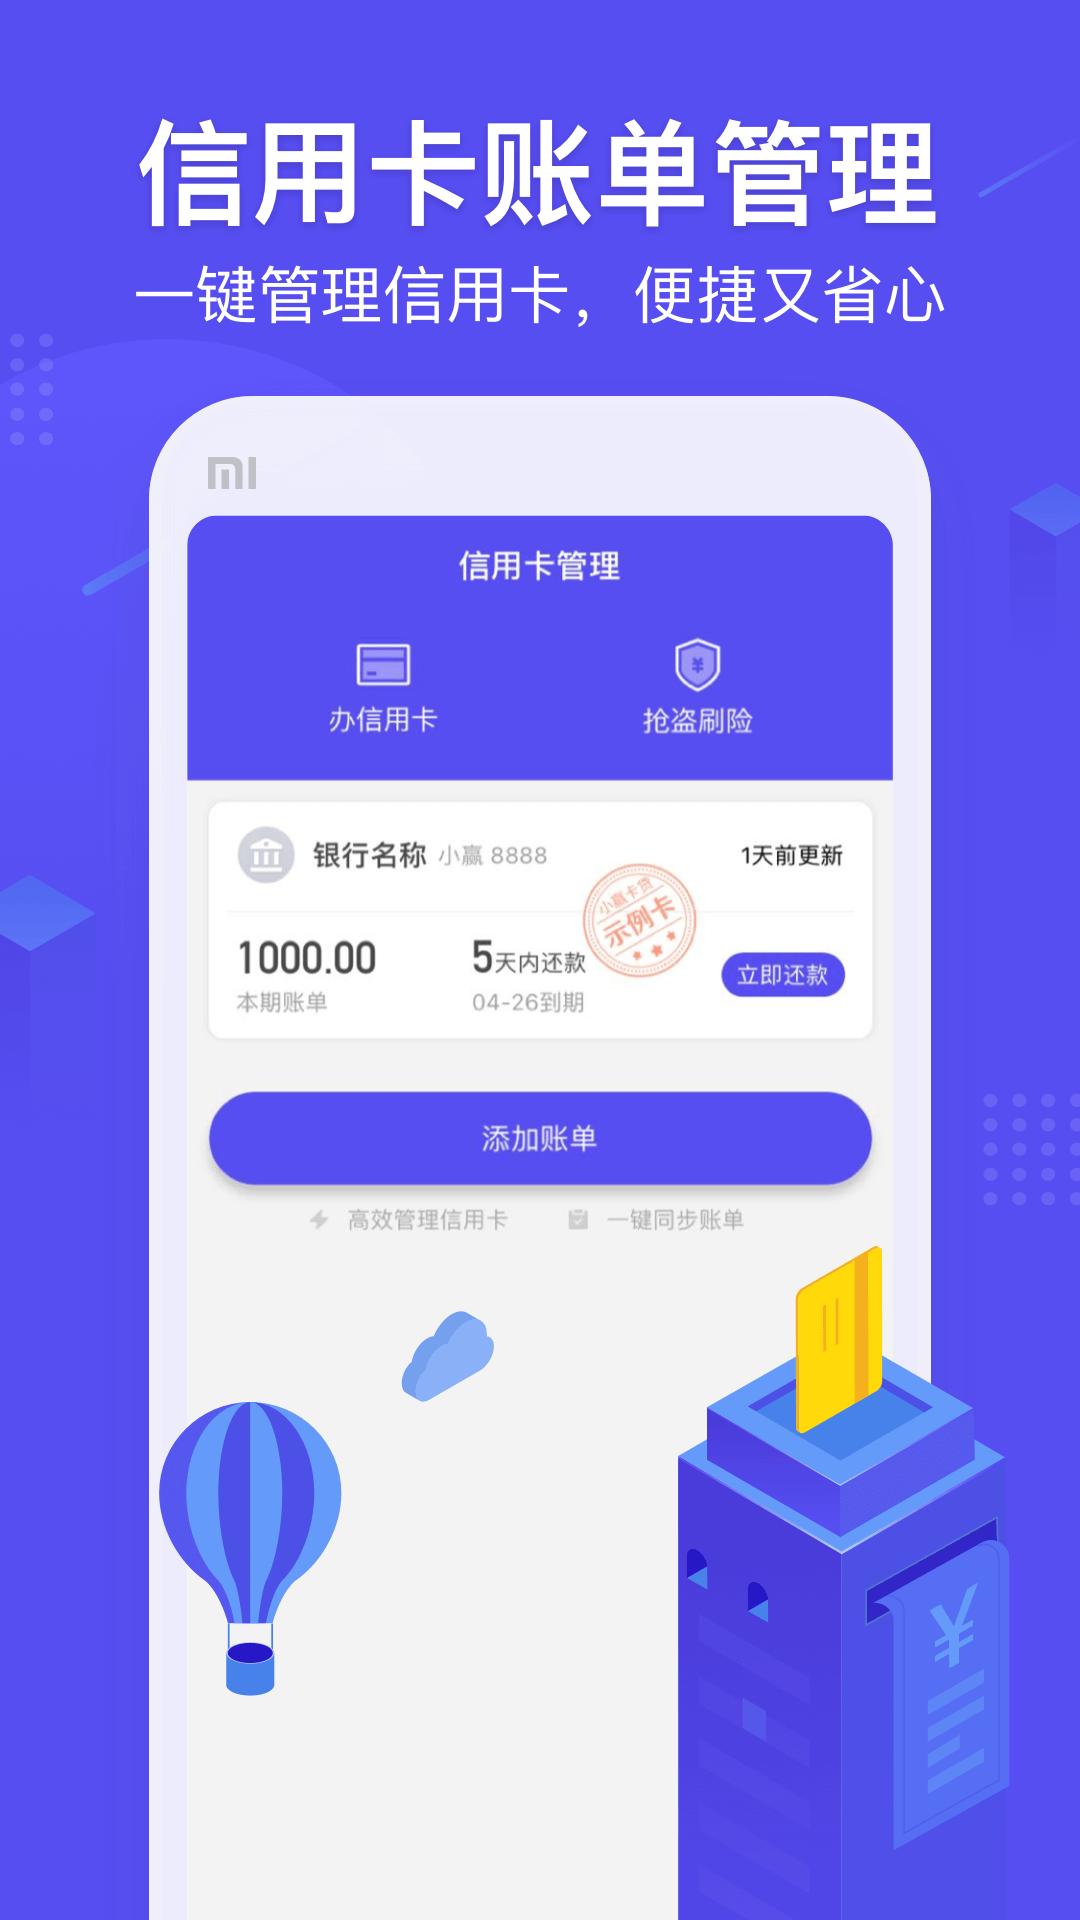 隆昌金柜贷款app官方版下载图片1